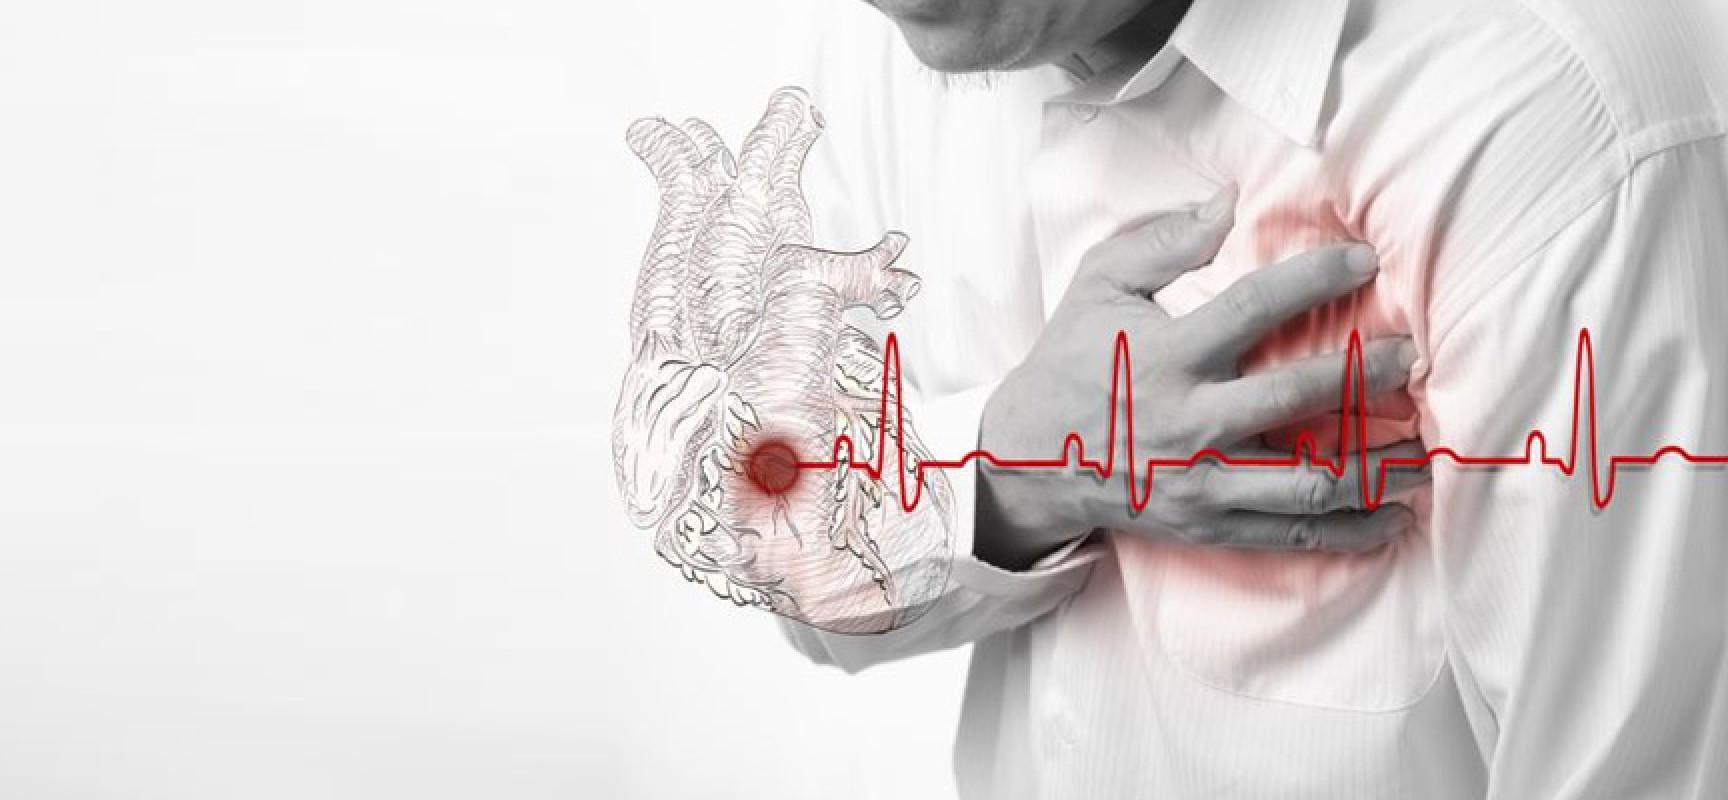 Что нельзя и что можно делать в домашних условиях, если болит сердце 11